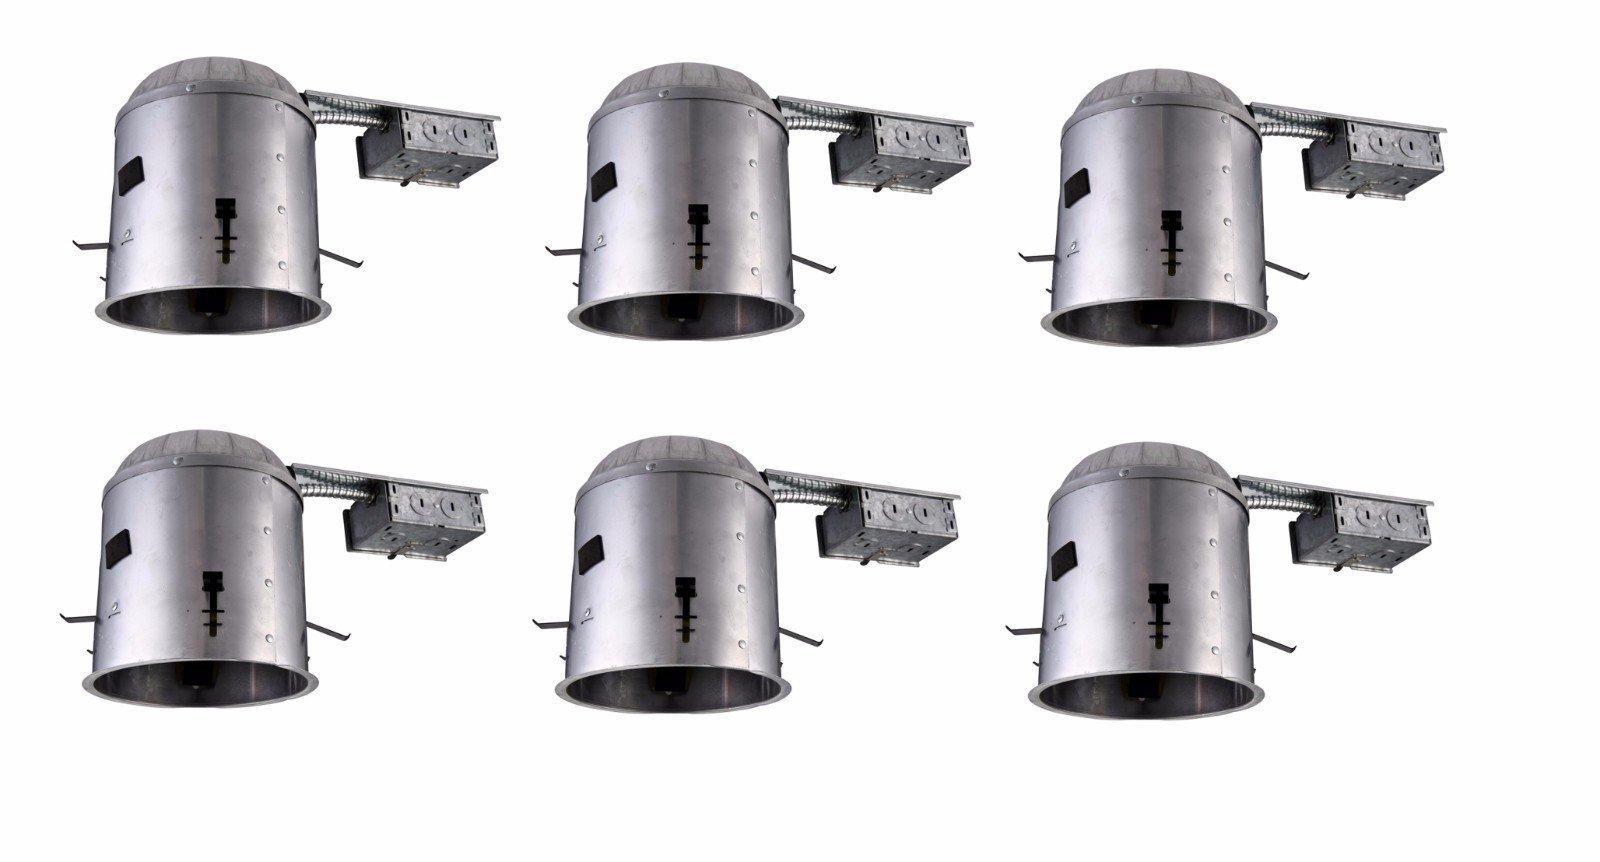 Elitco Lighting ICAT5R-E26-6PK Recessed-Light-Fixture-Housings 5'' Icat Remodel 120V, E26 Socket, fits PAR30/BR30/A19, 75W Max 6 Pack